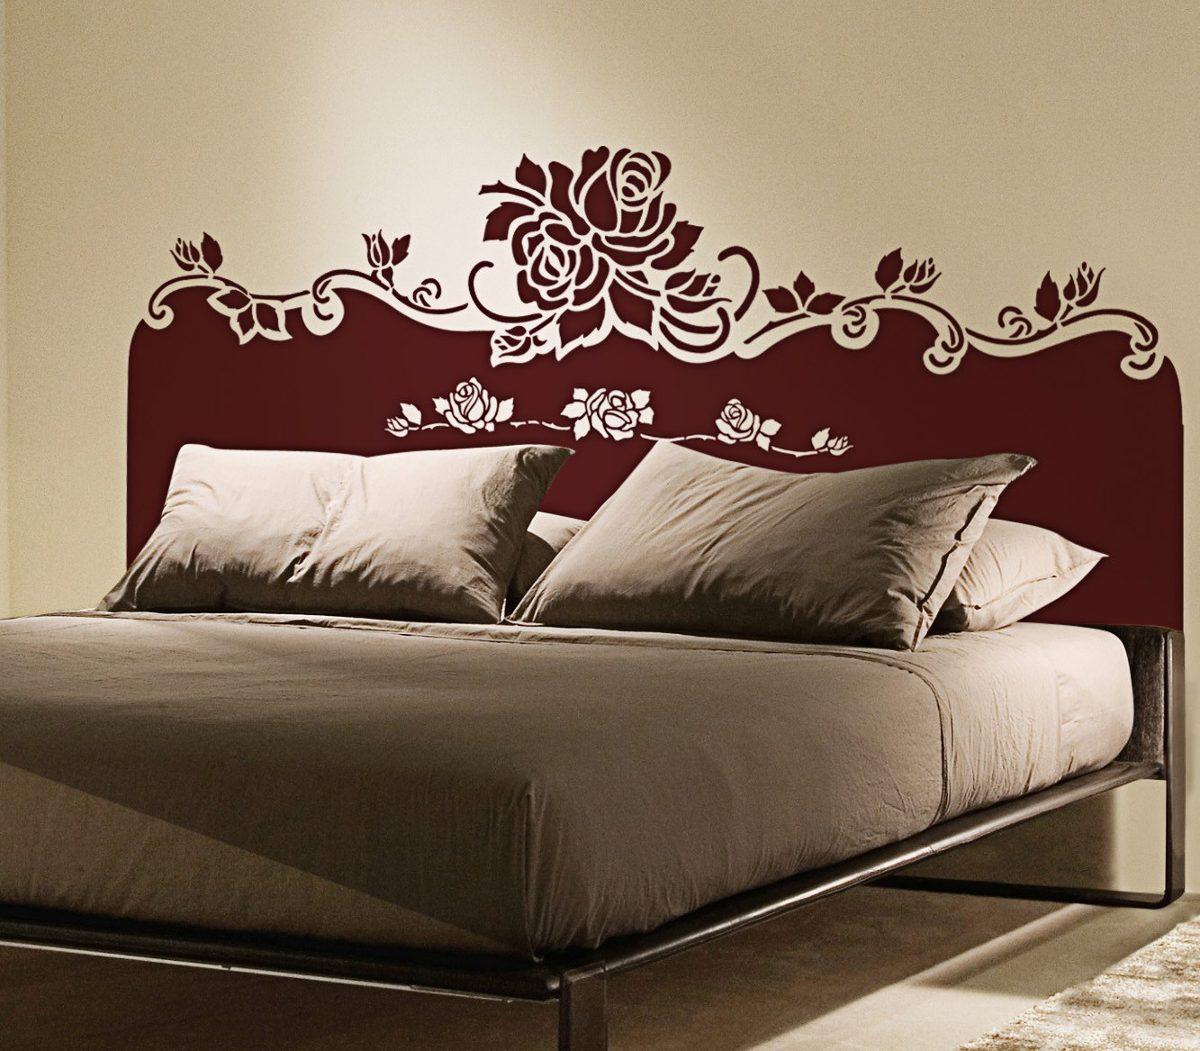 Ideias Artesanato Decoração ~ Adesivo Decorativo Para Cabeceira De Cama 58cm X 146cm R$ 62,00 em Mercado Livre